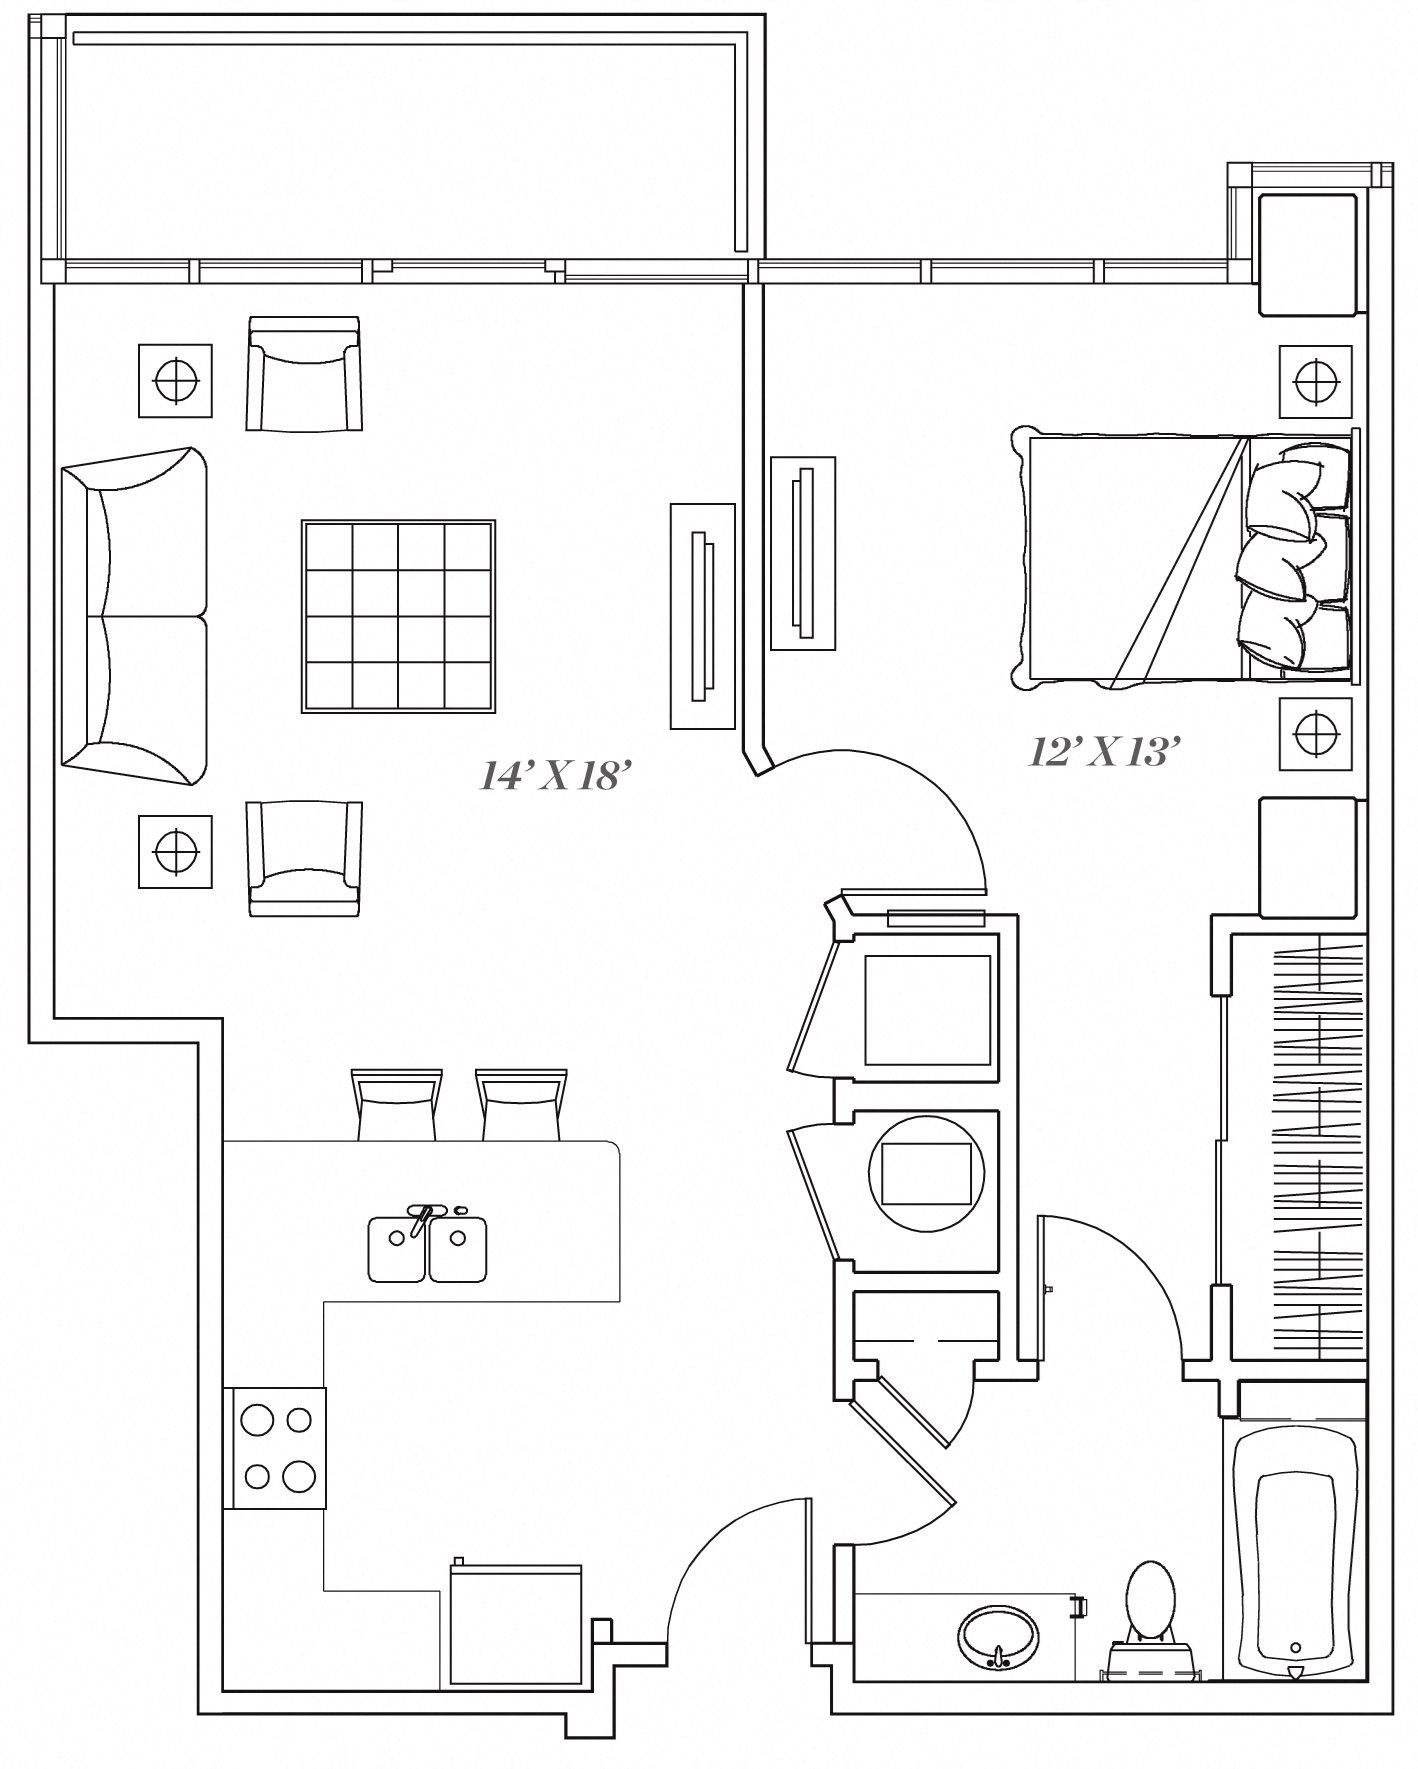 1G Floor Plan 8